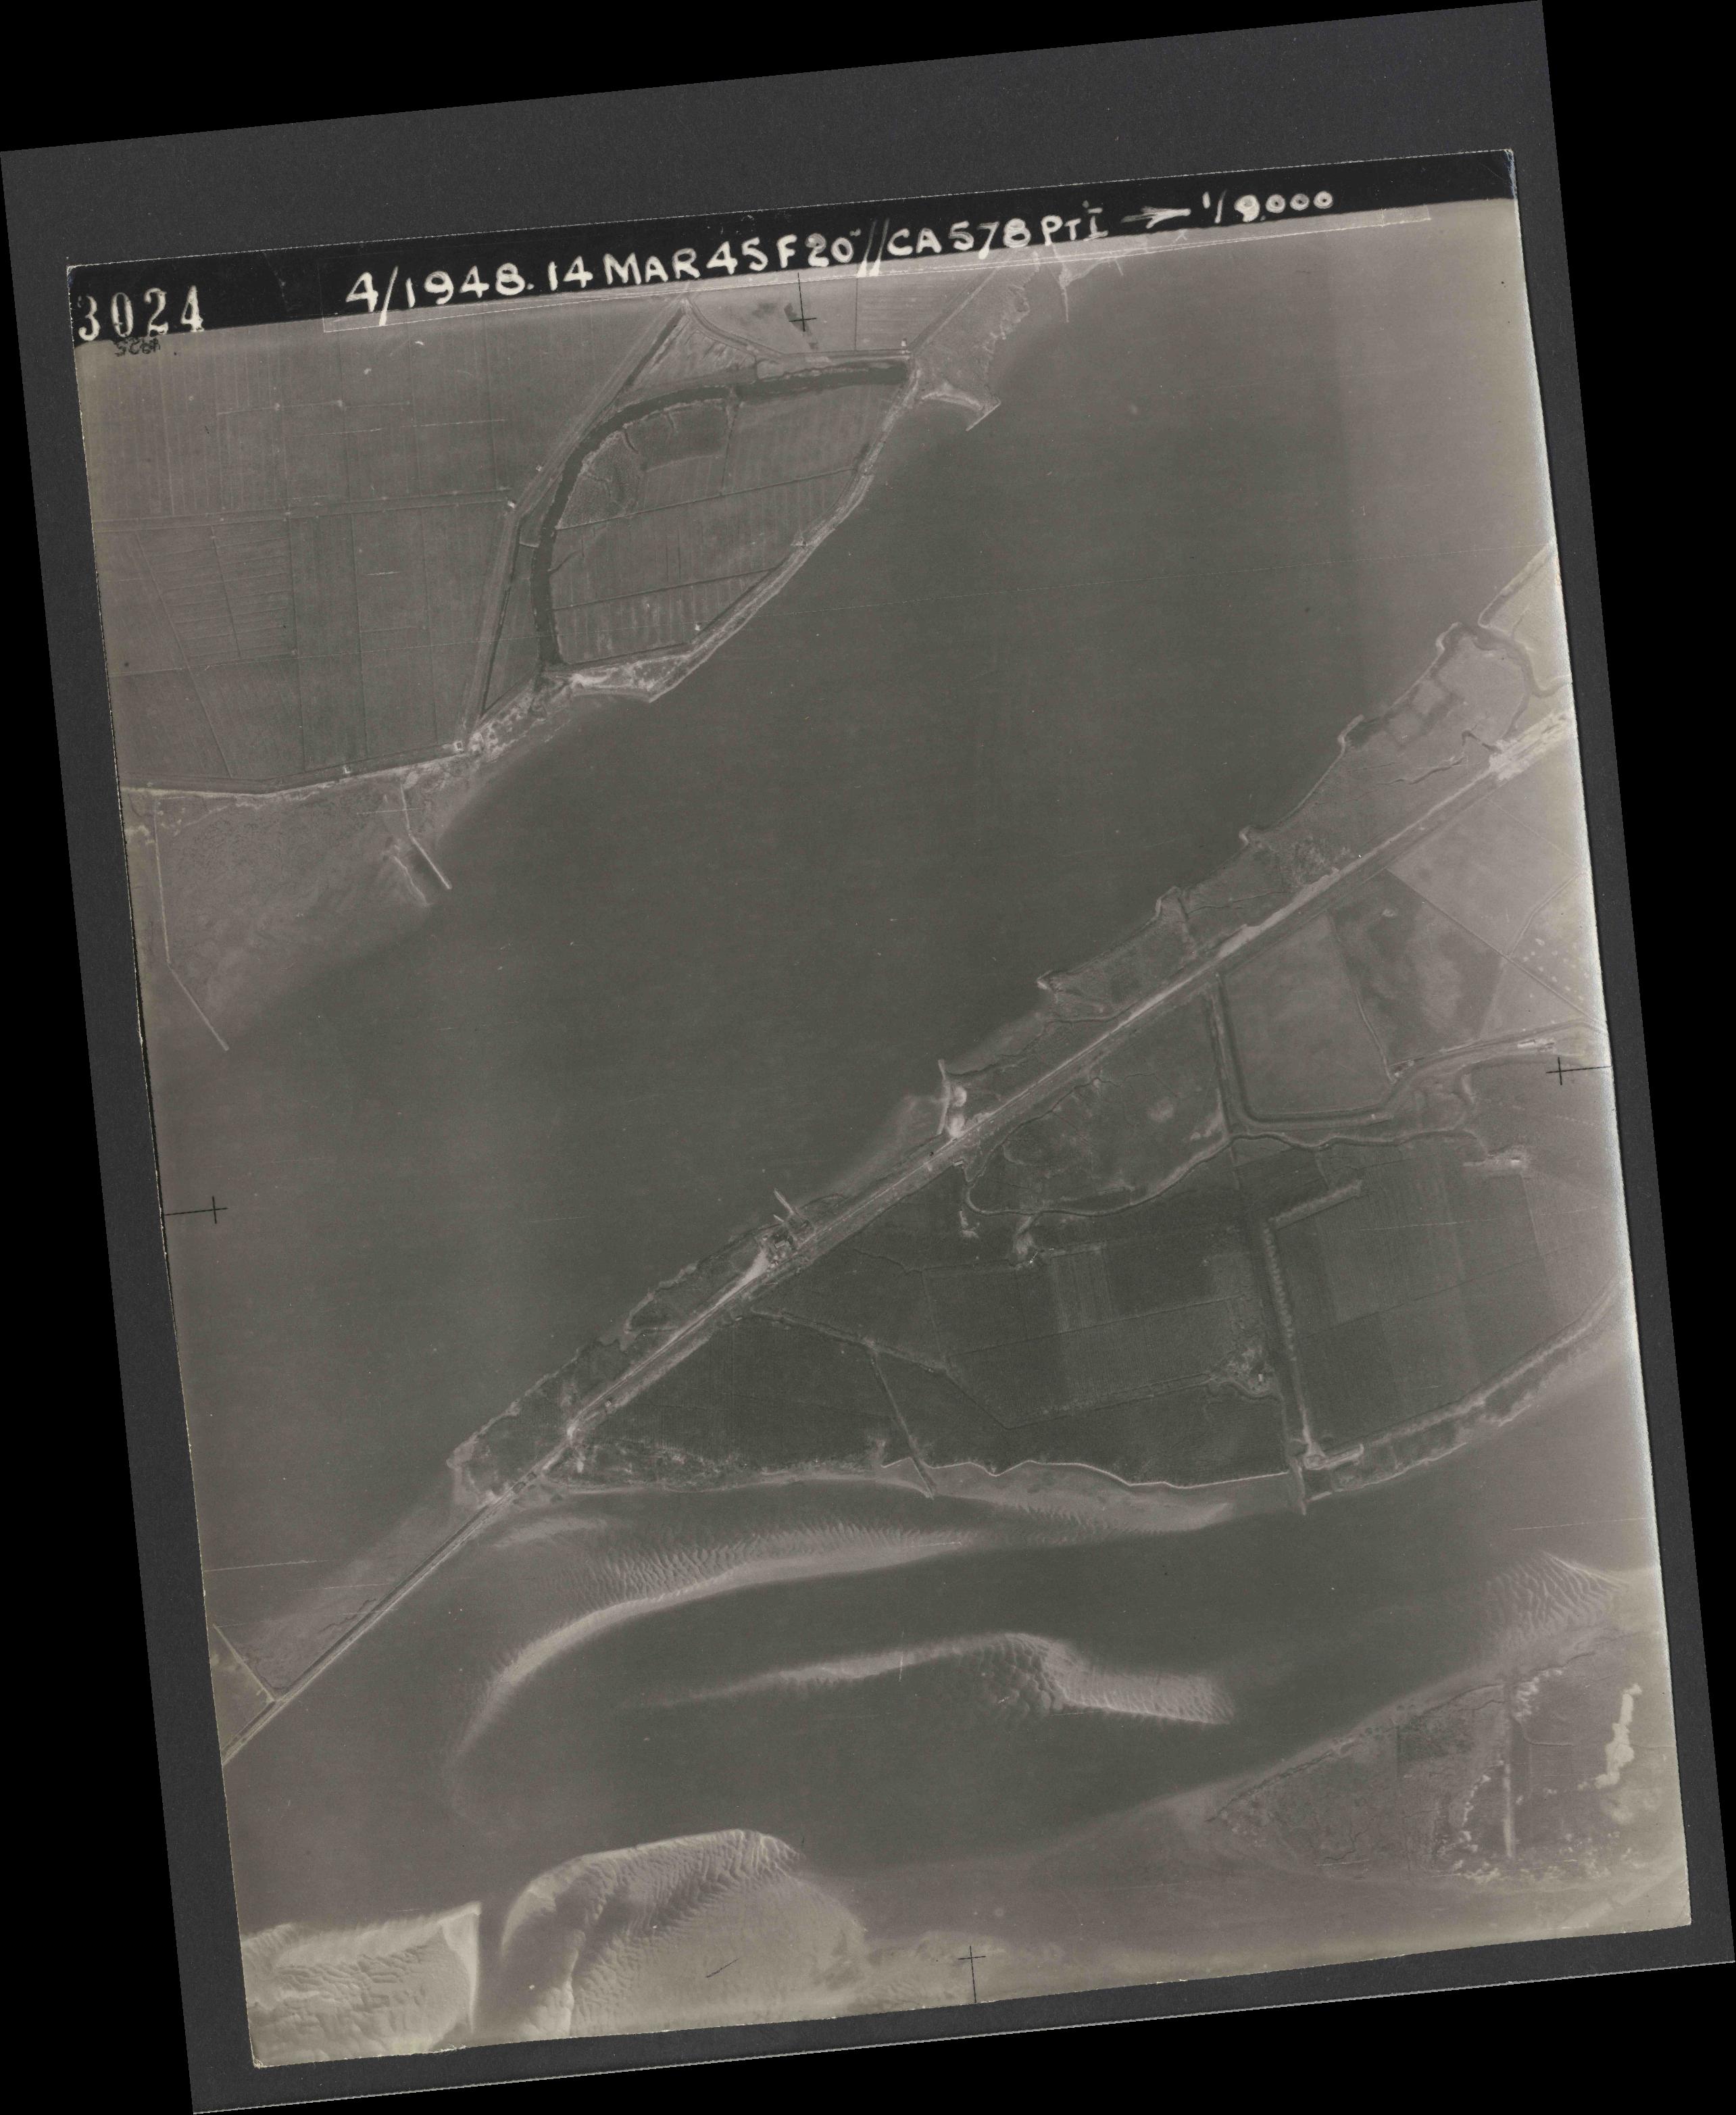 Collection RAF aerial photos 1940-1945 - flight 095, run 03, photo 3024